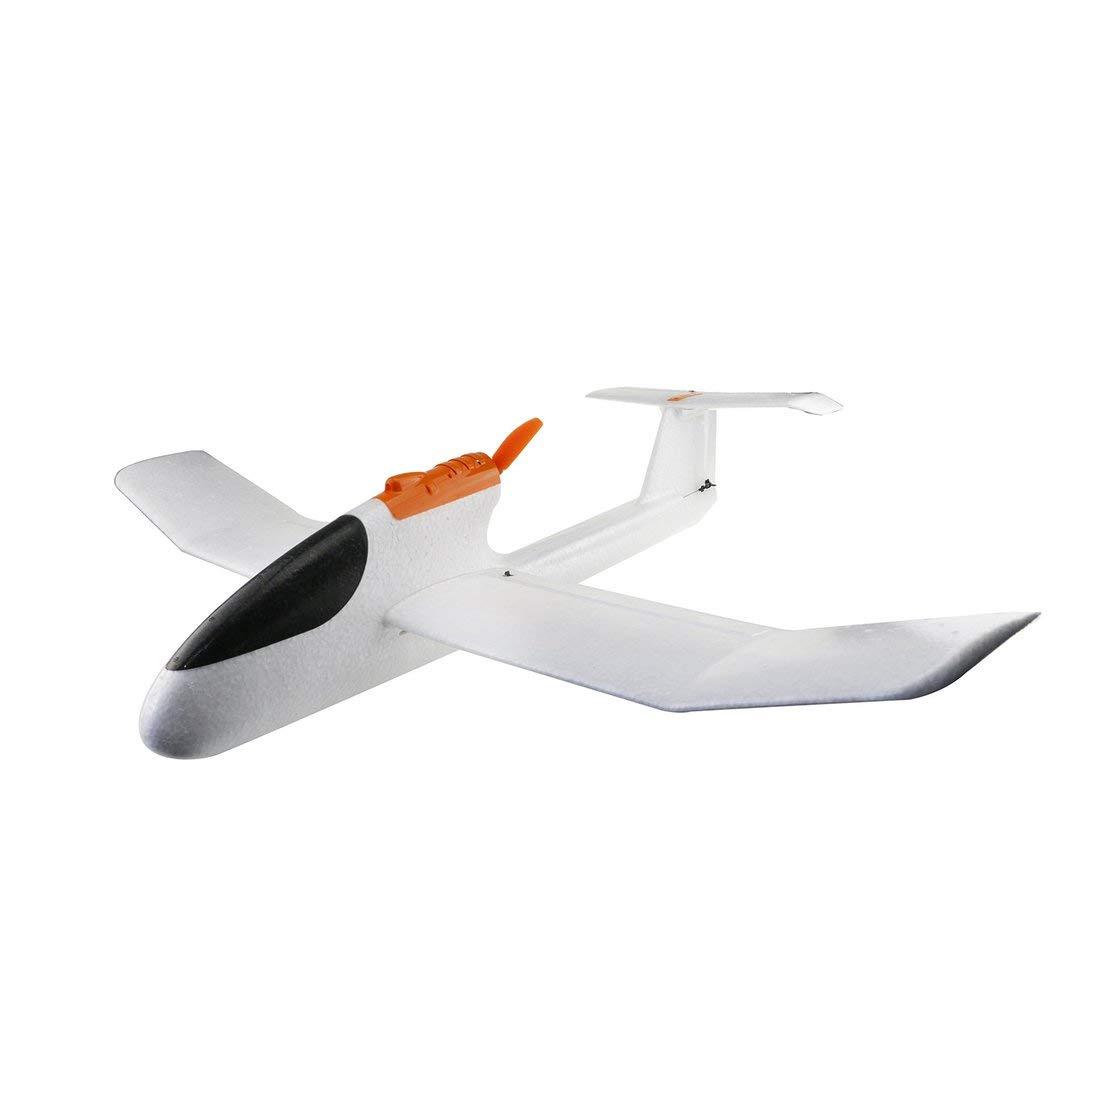 Dron ZSX-750 Spannweite RTF Gebürstet RC Flugzeug 2,4 GHz RC Flugzeug 4CH EPP 750mm im Freien RC Spielzeug Geschenk für Kinder mit Batterie